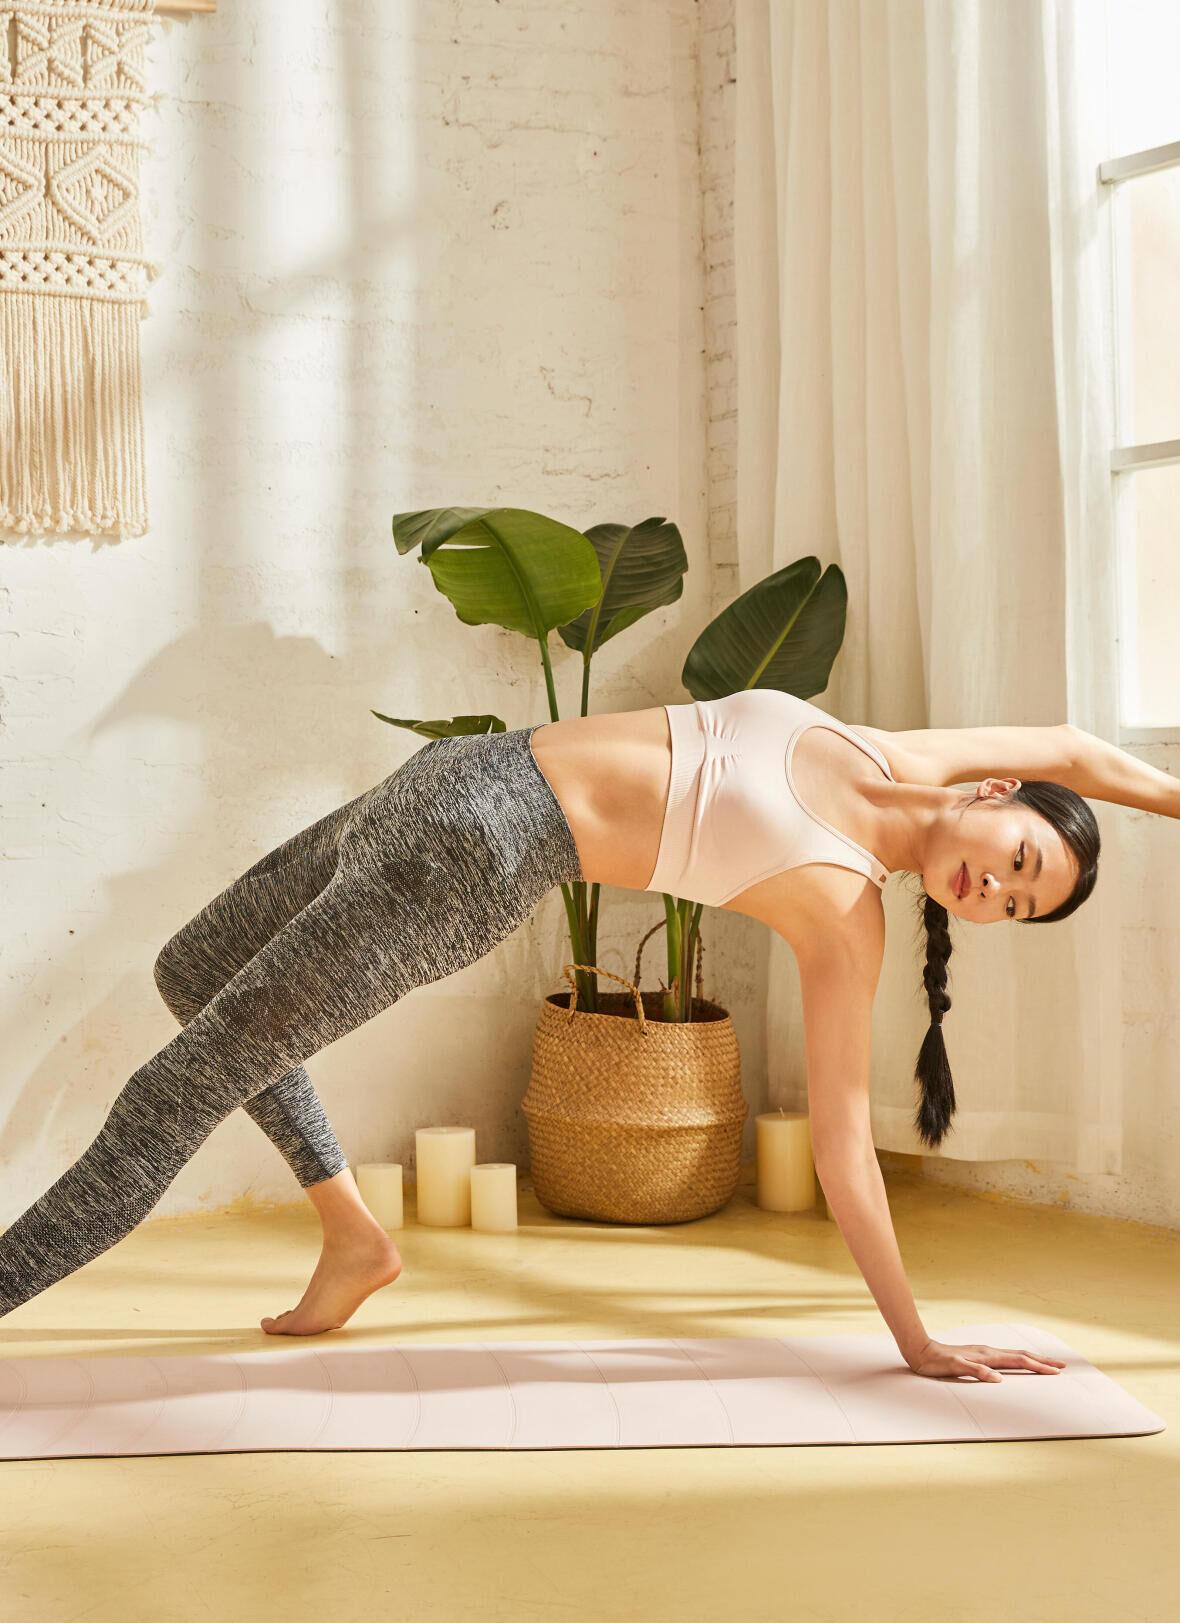 yoga-ruitersport-heup-bekken-verlichten-openen